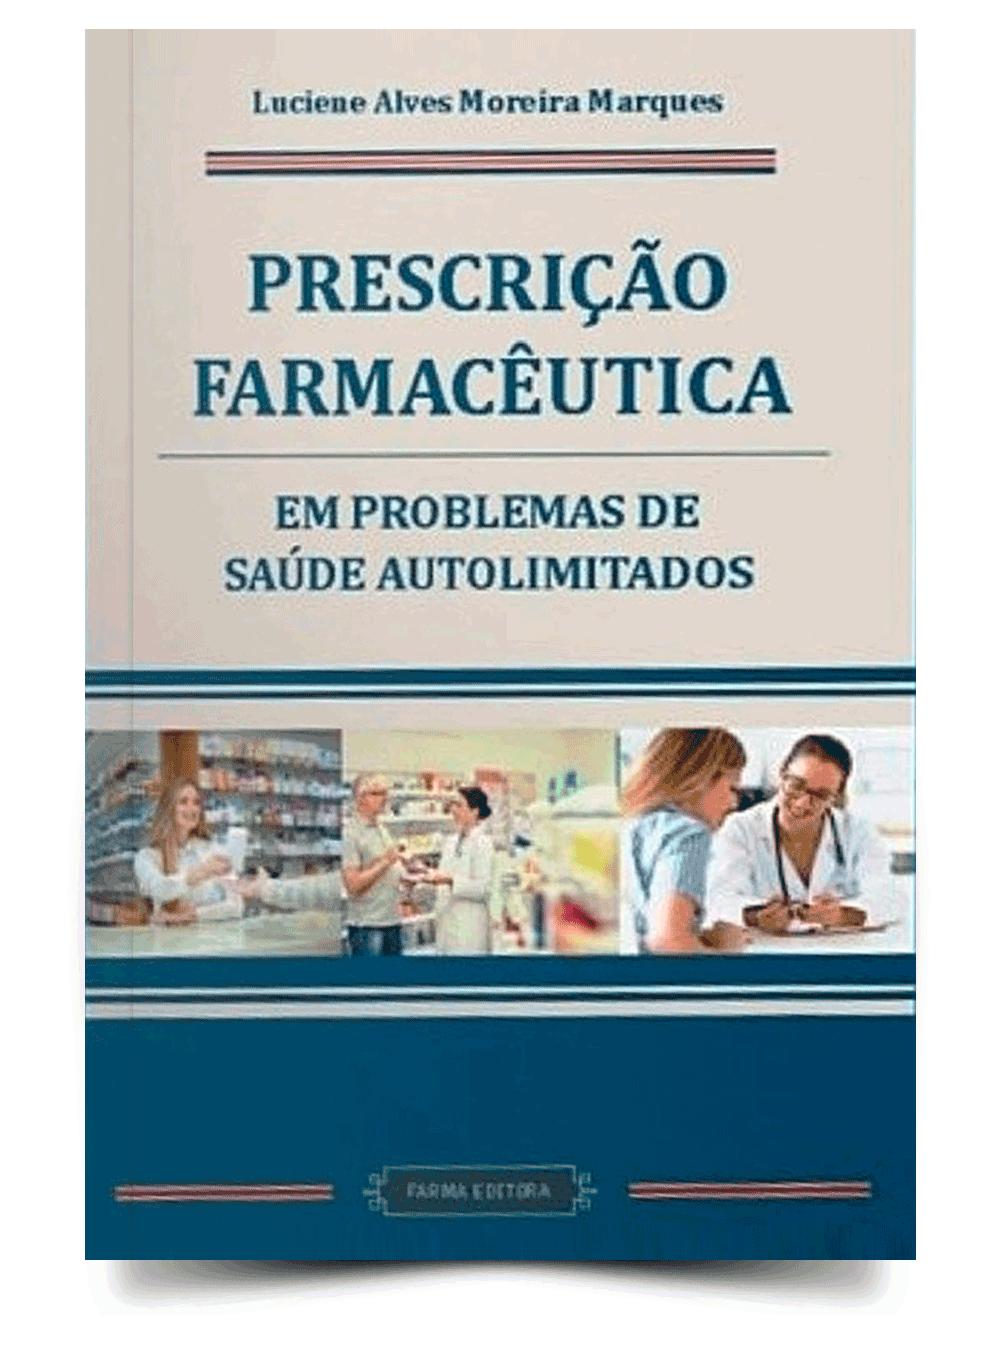 Livro Prescrição Farmacêutica: Em Problemas de Saúde Autolimitados